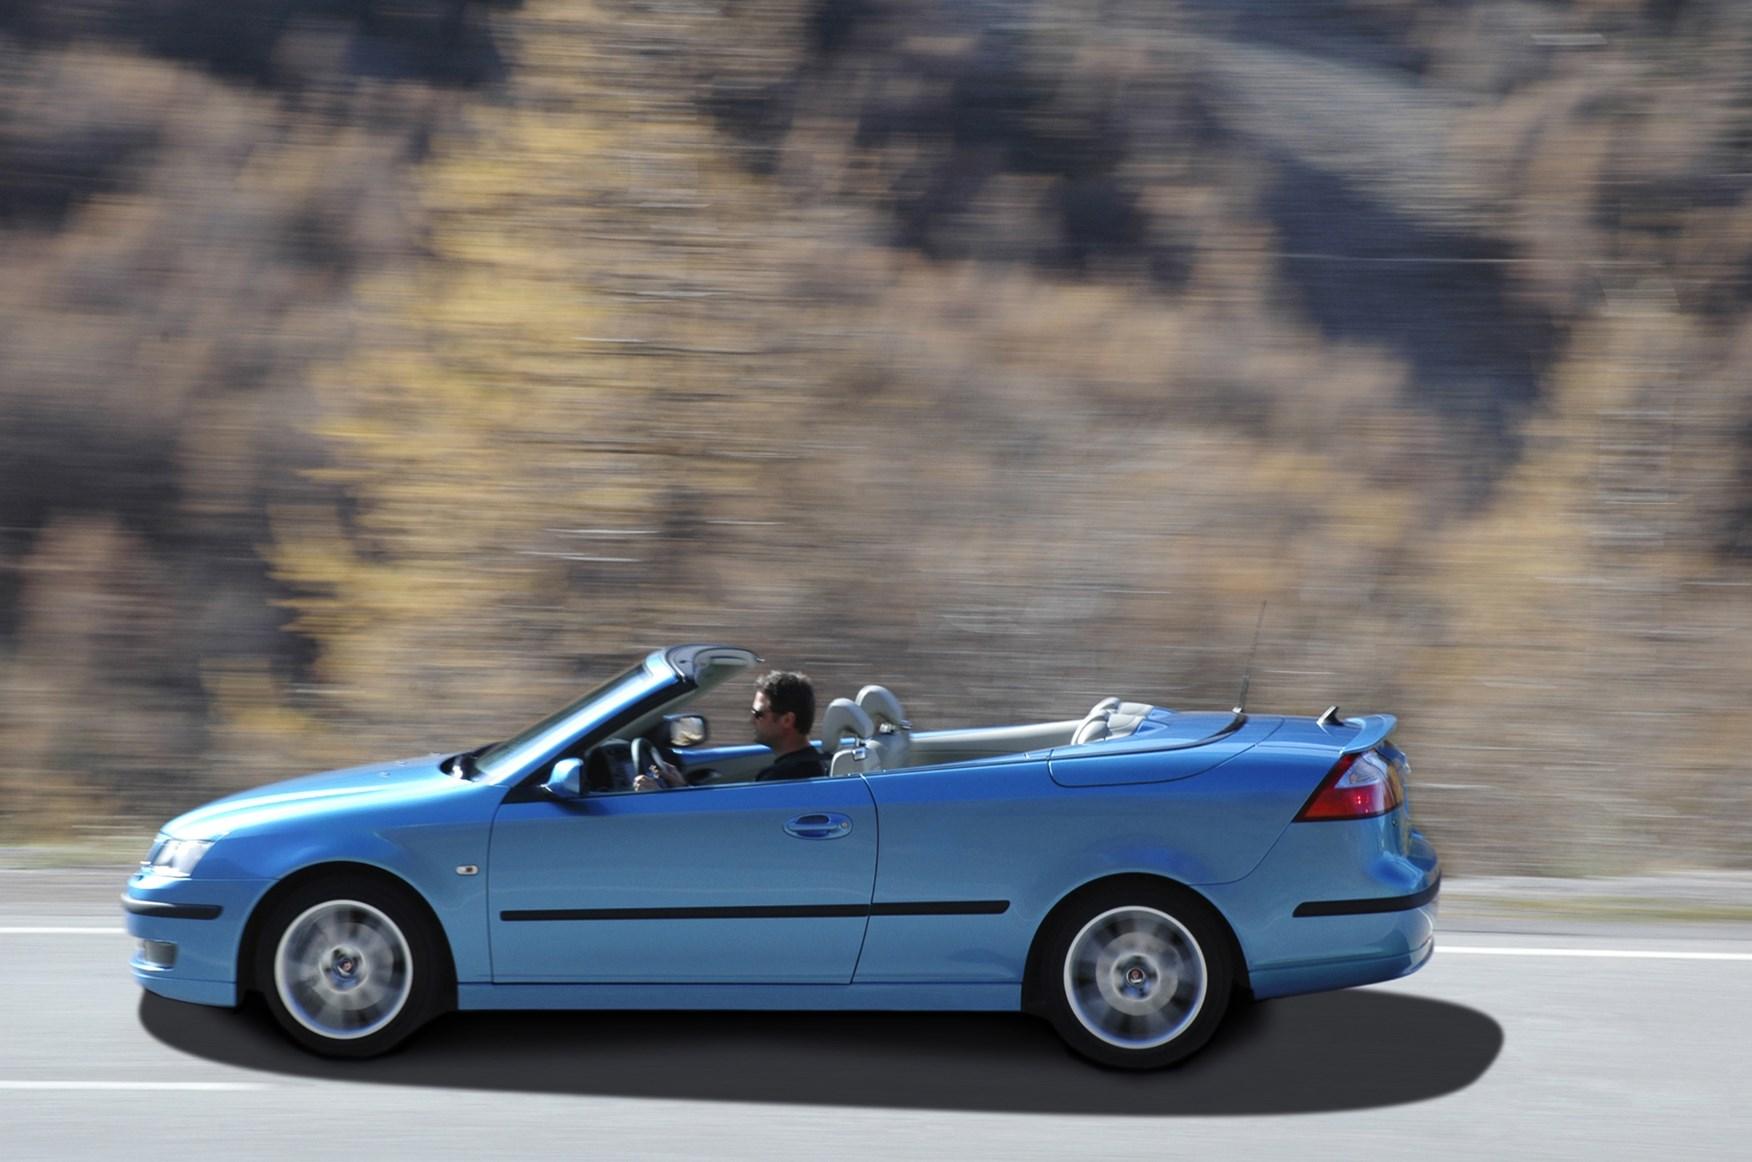 2008 saab 9-3 convertible review